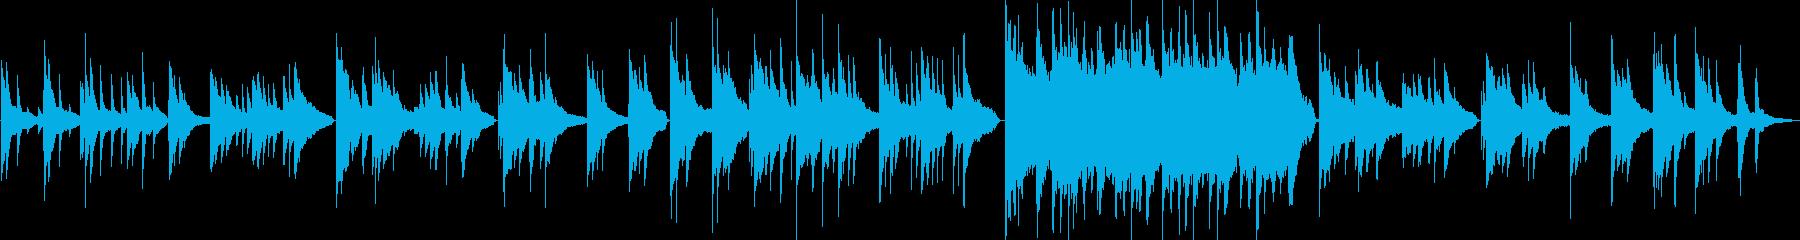 情緒と感情的なシーンをピアノで演出の再生済みの波形